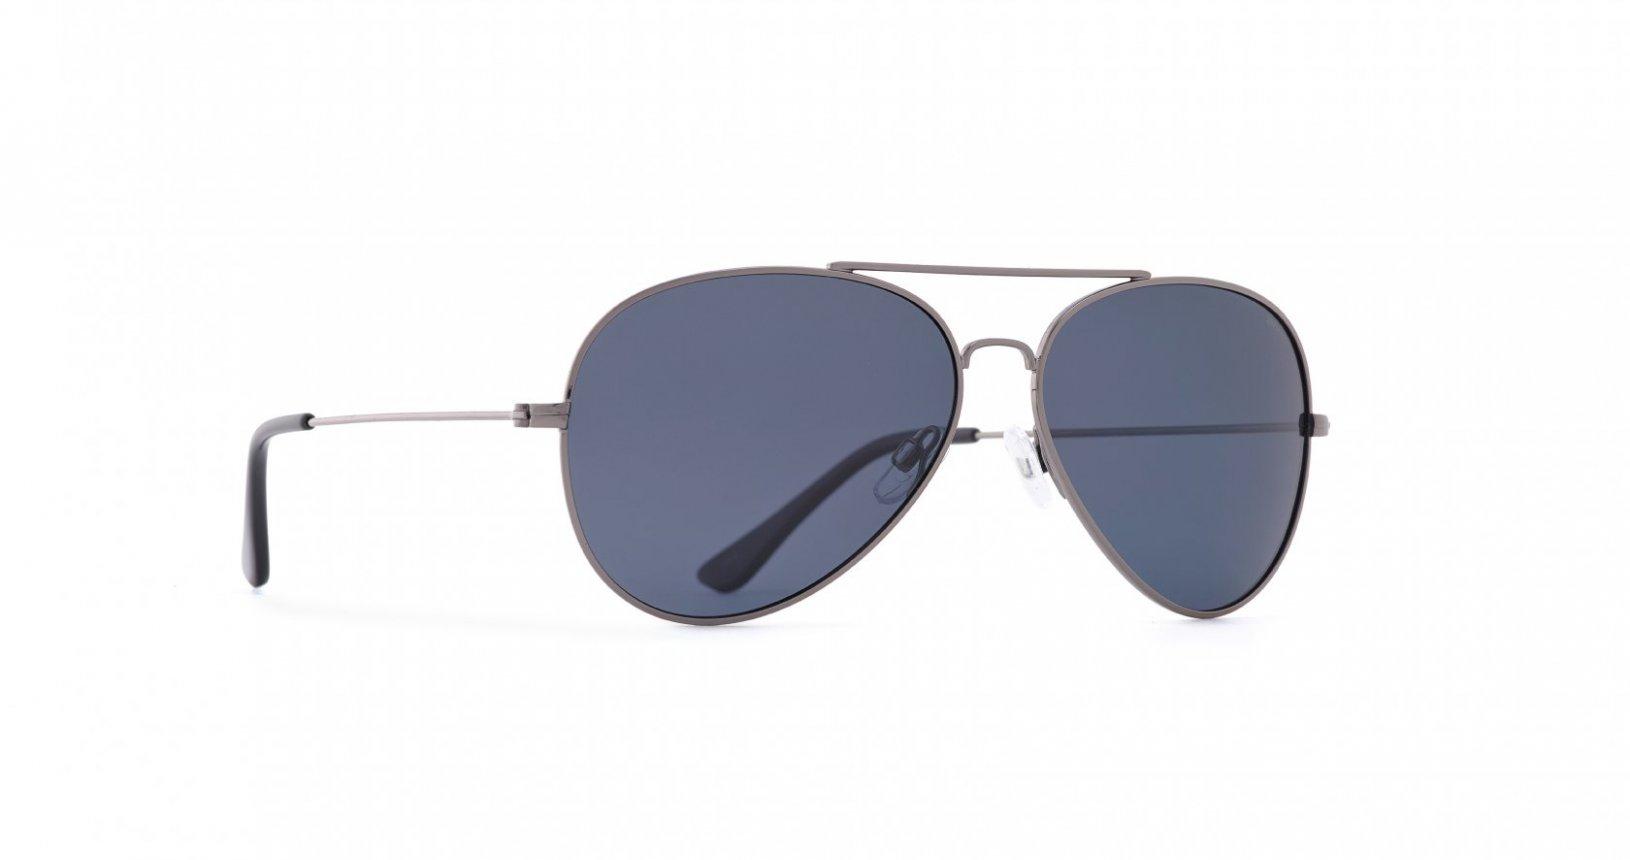 INVU Мъжки слънчеви очила с поляризация B1410D - Тъмен метал